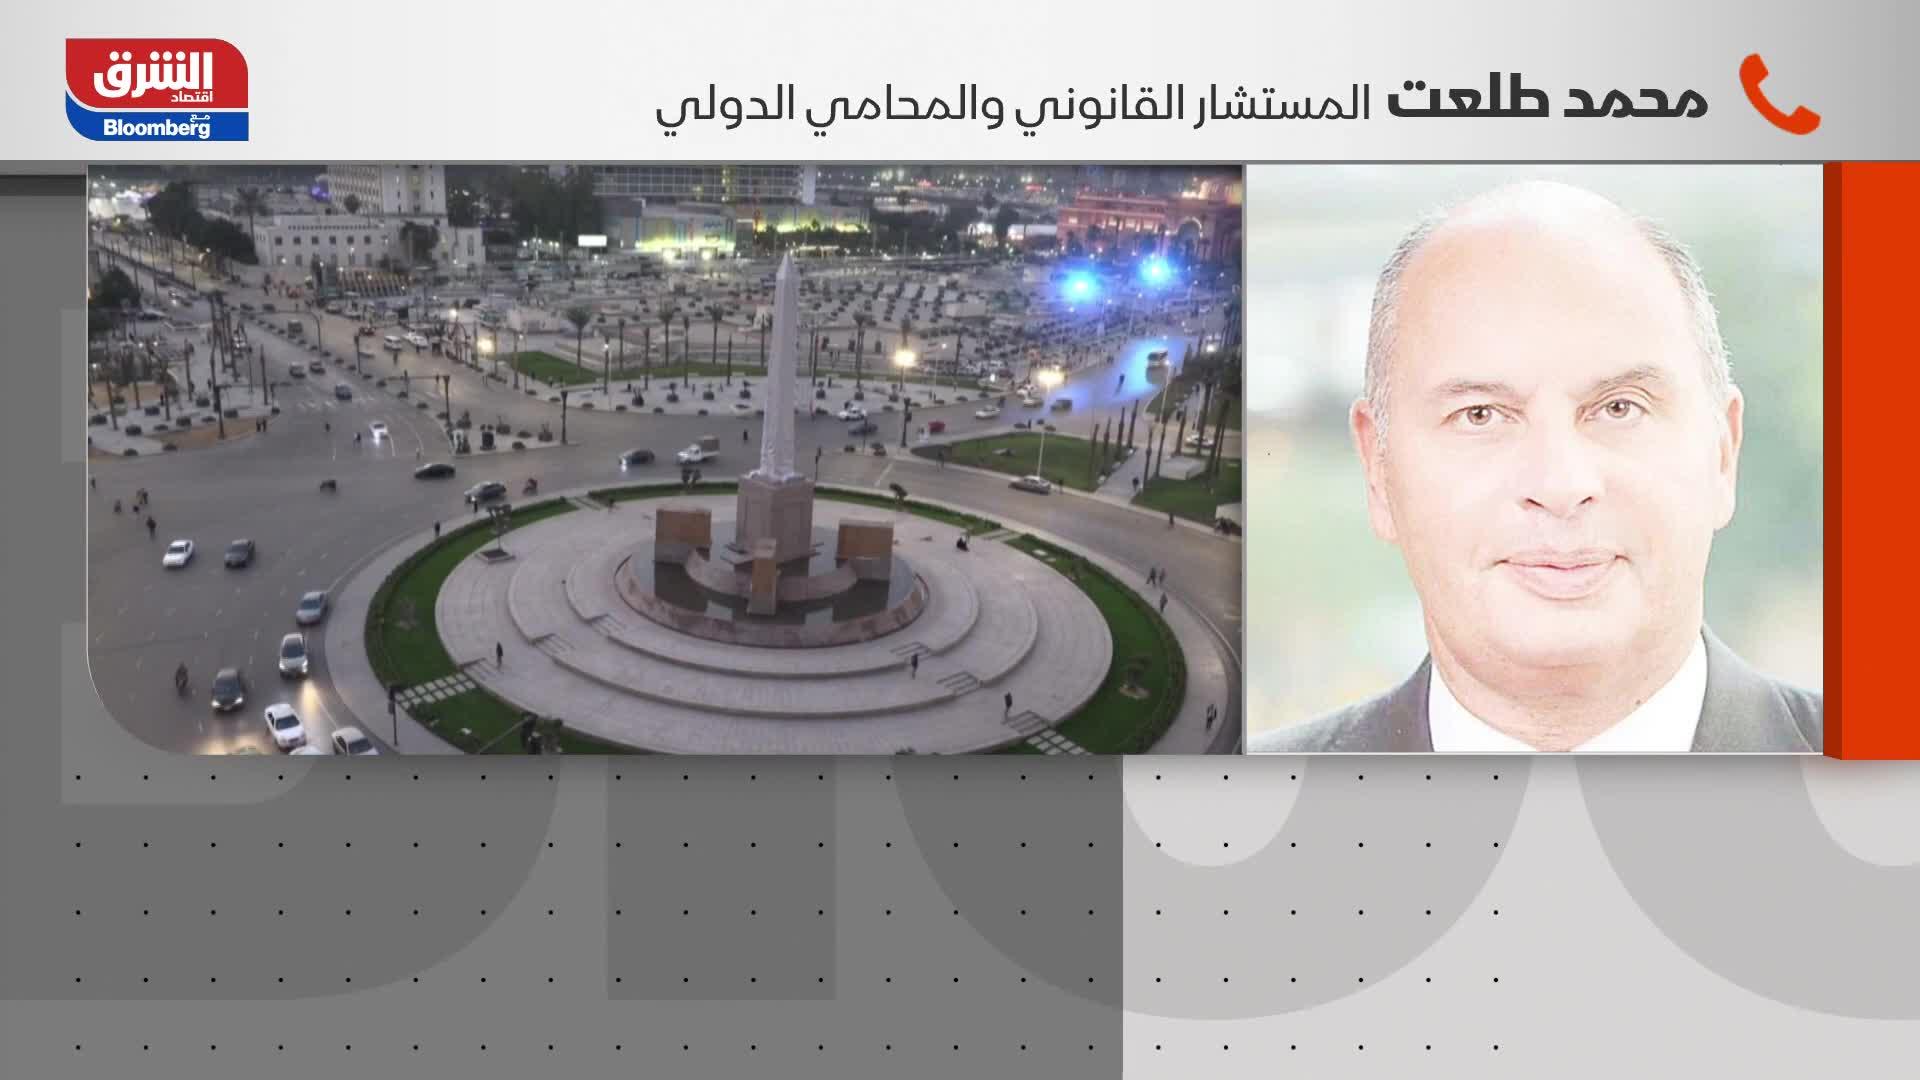 محمد طلعت : الحالة الأمنية المصرية مستقرة